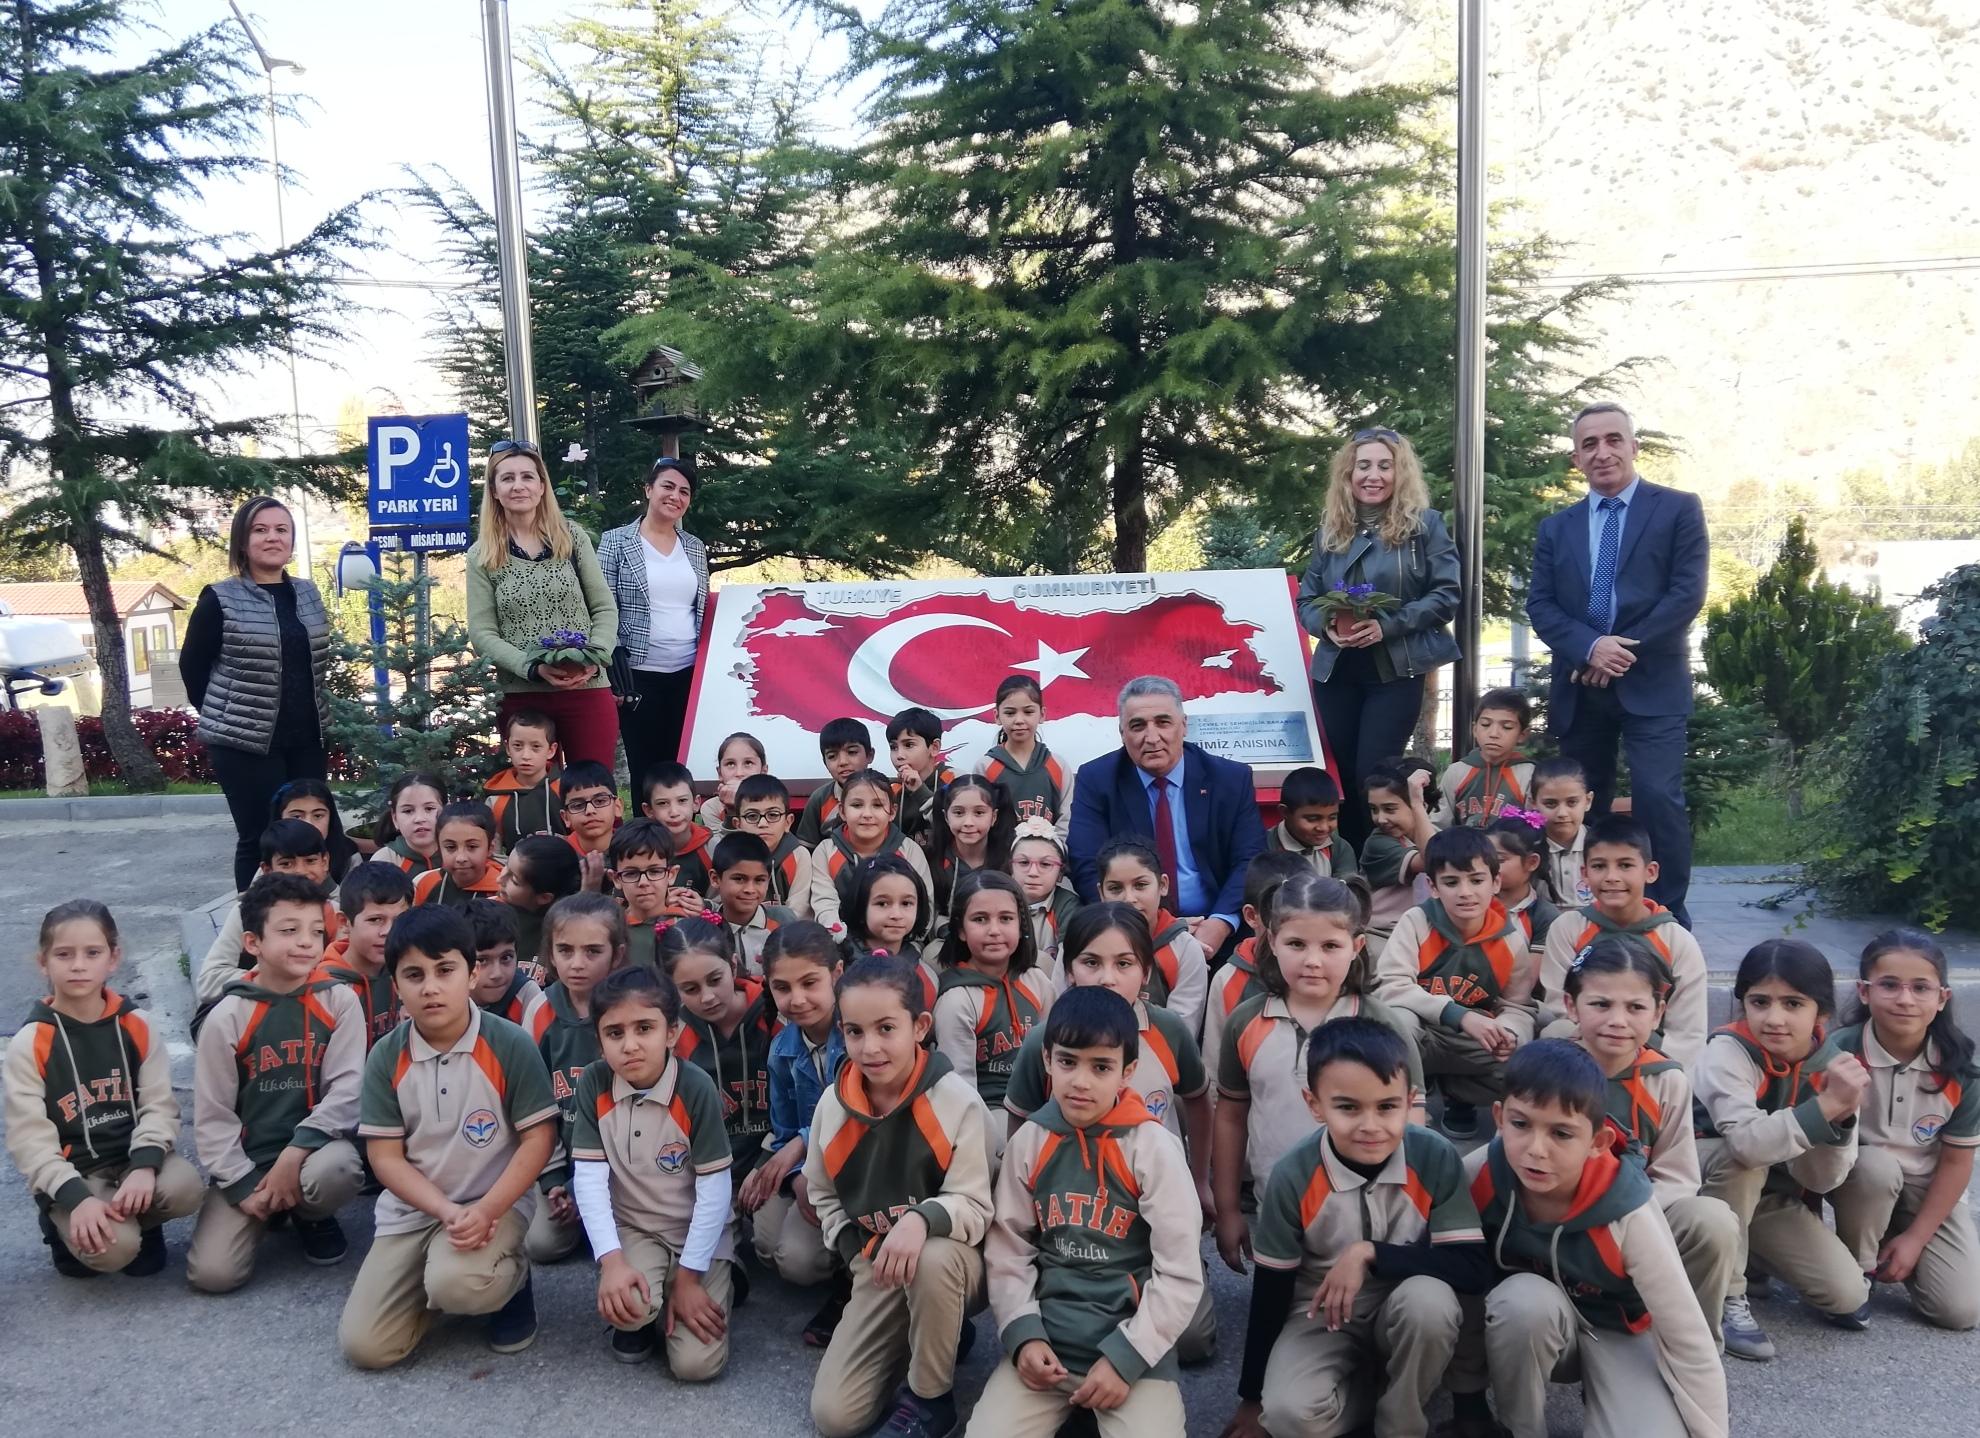 Fatih İlkokulu, Sıfır Atık ve Endemik Bitki Ters Lale